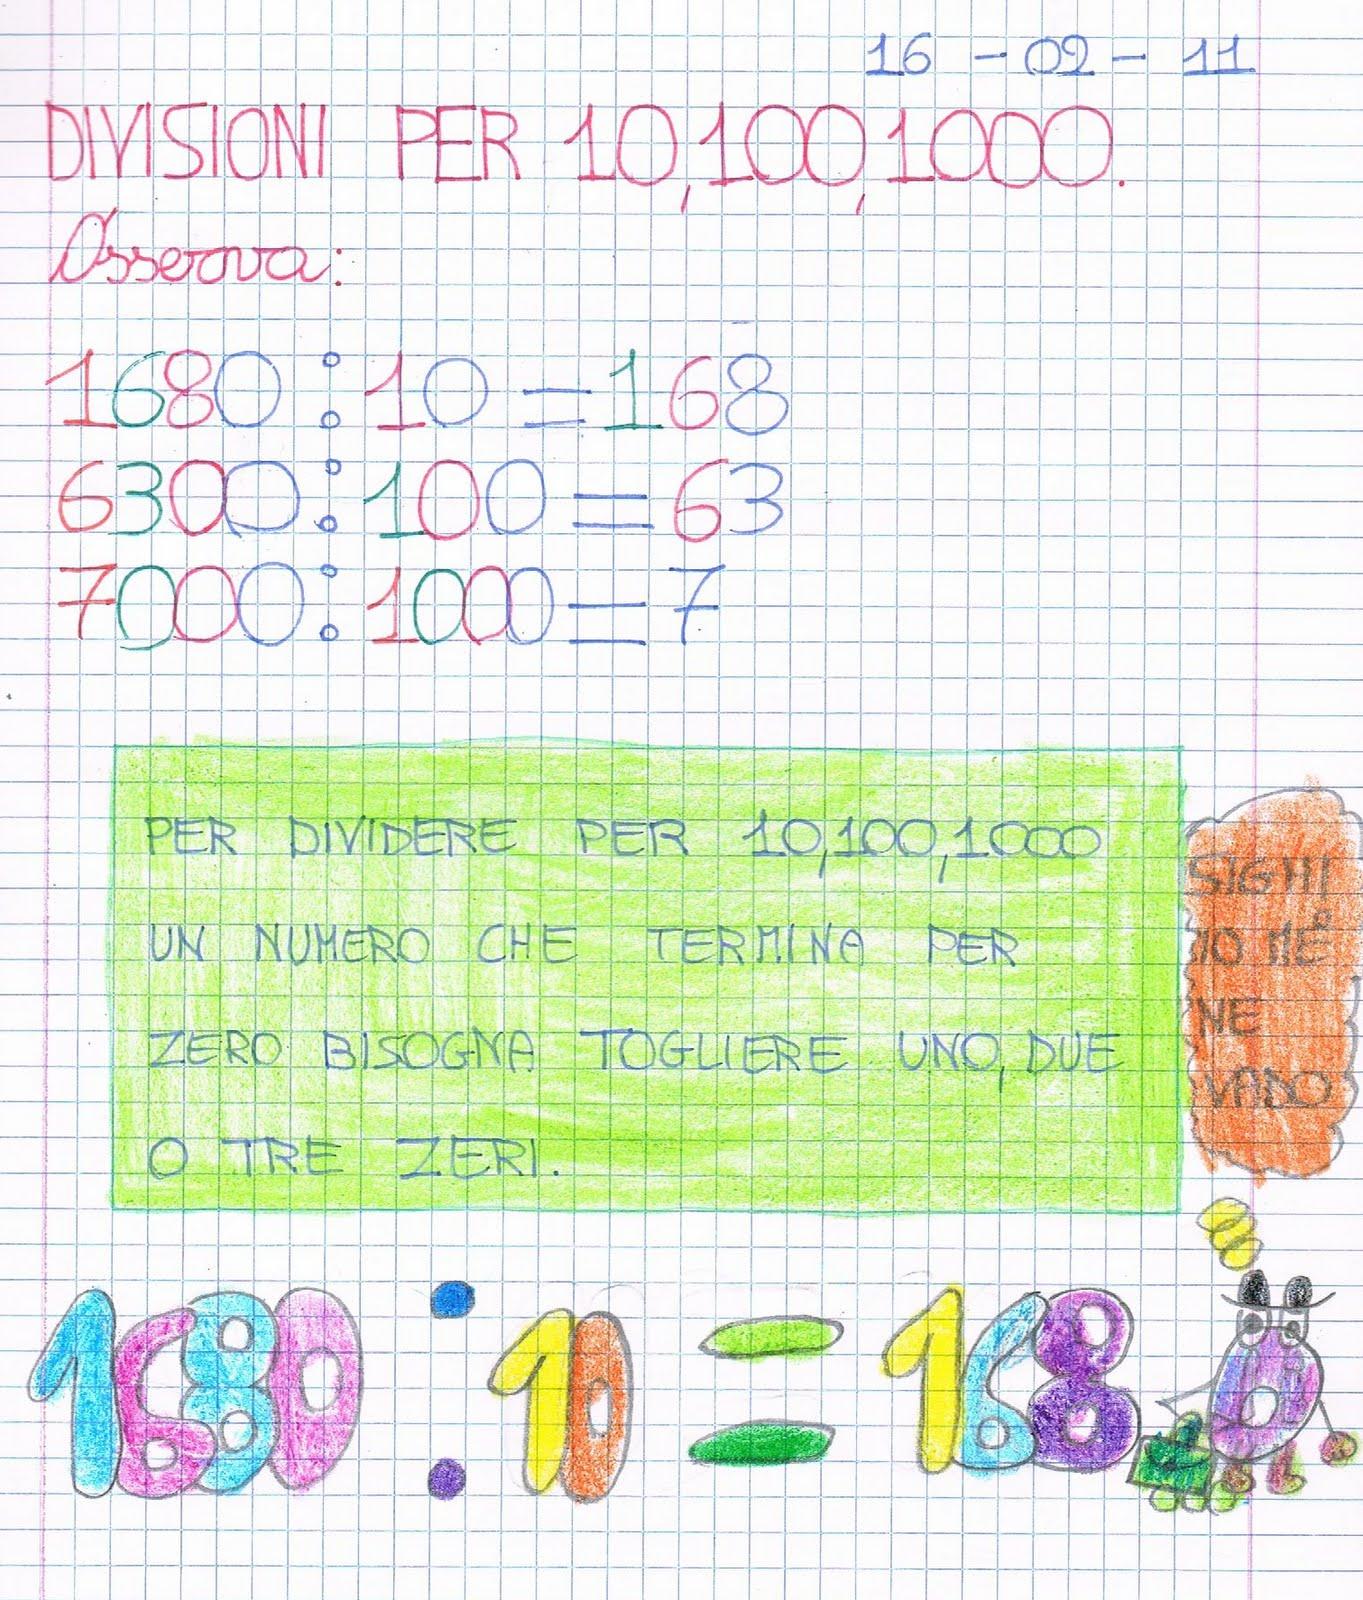 Divisioni Per 10 100 1000